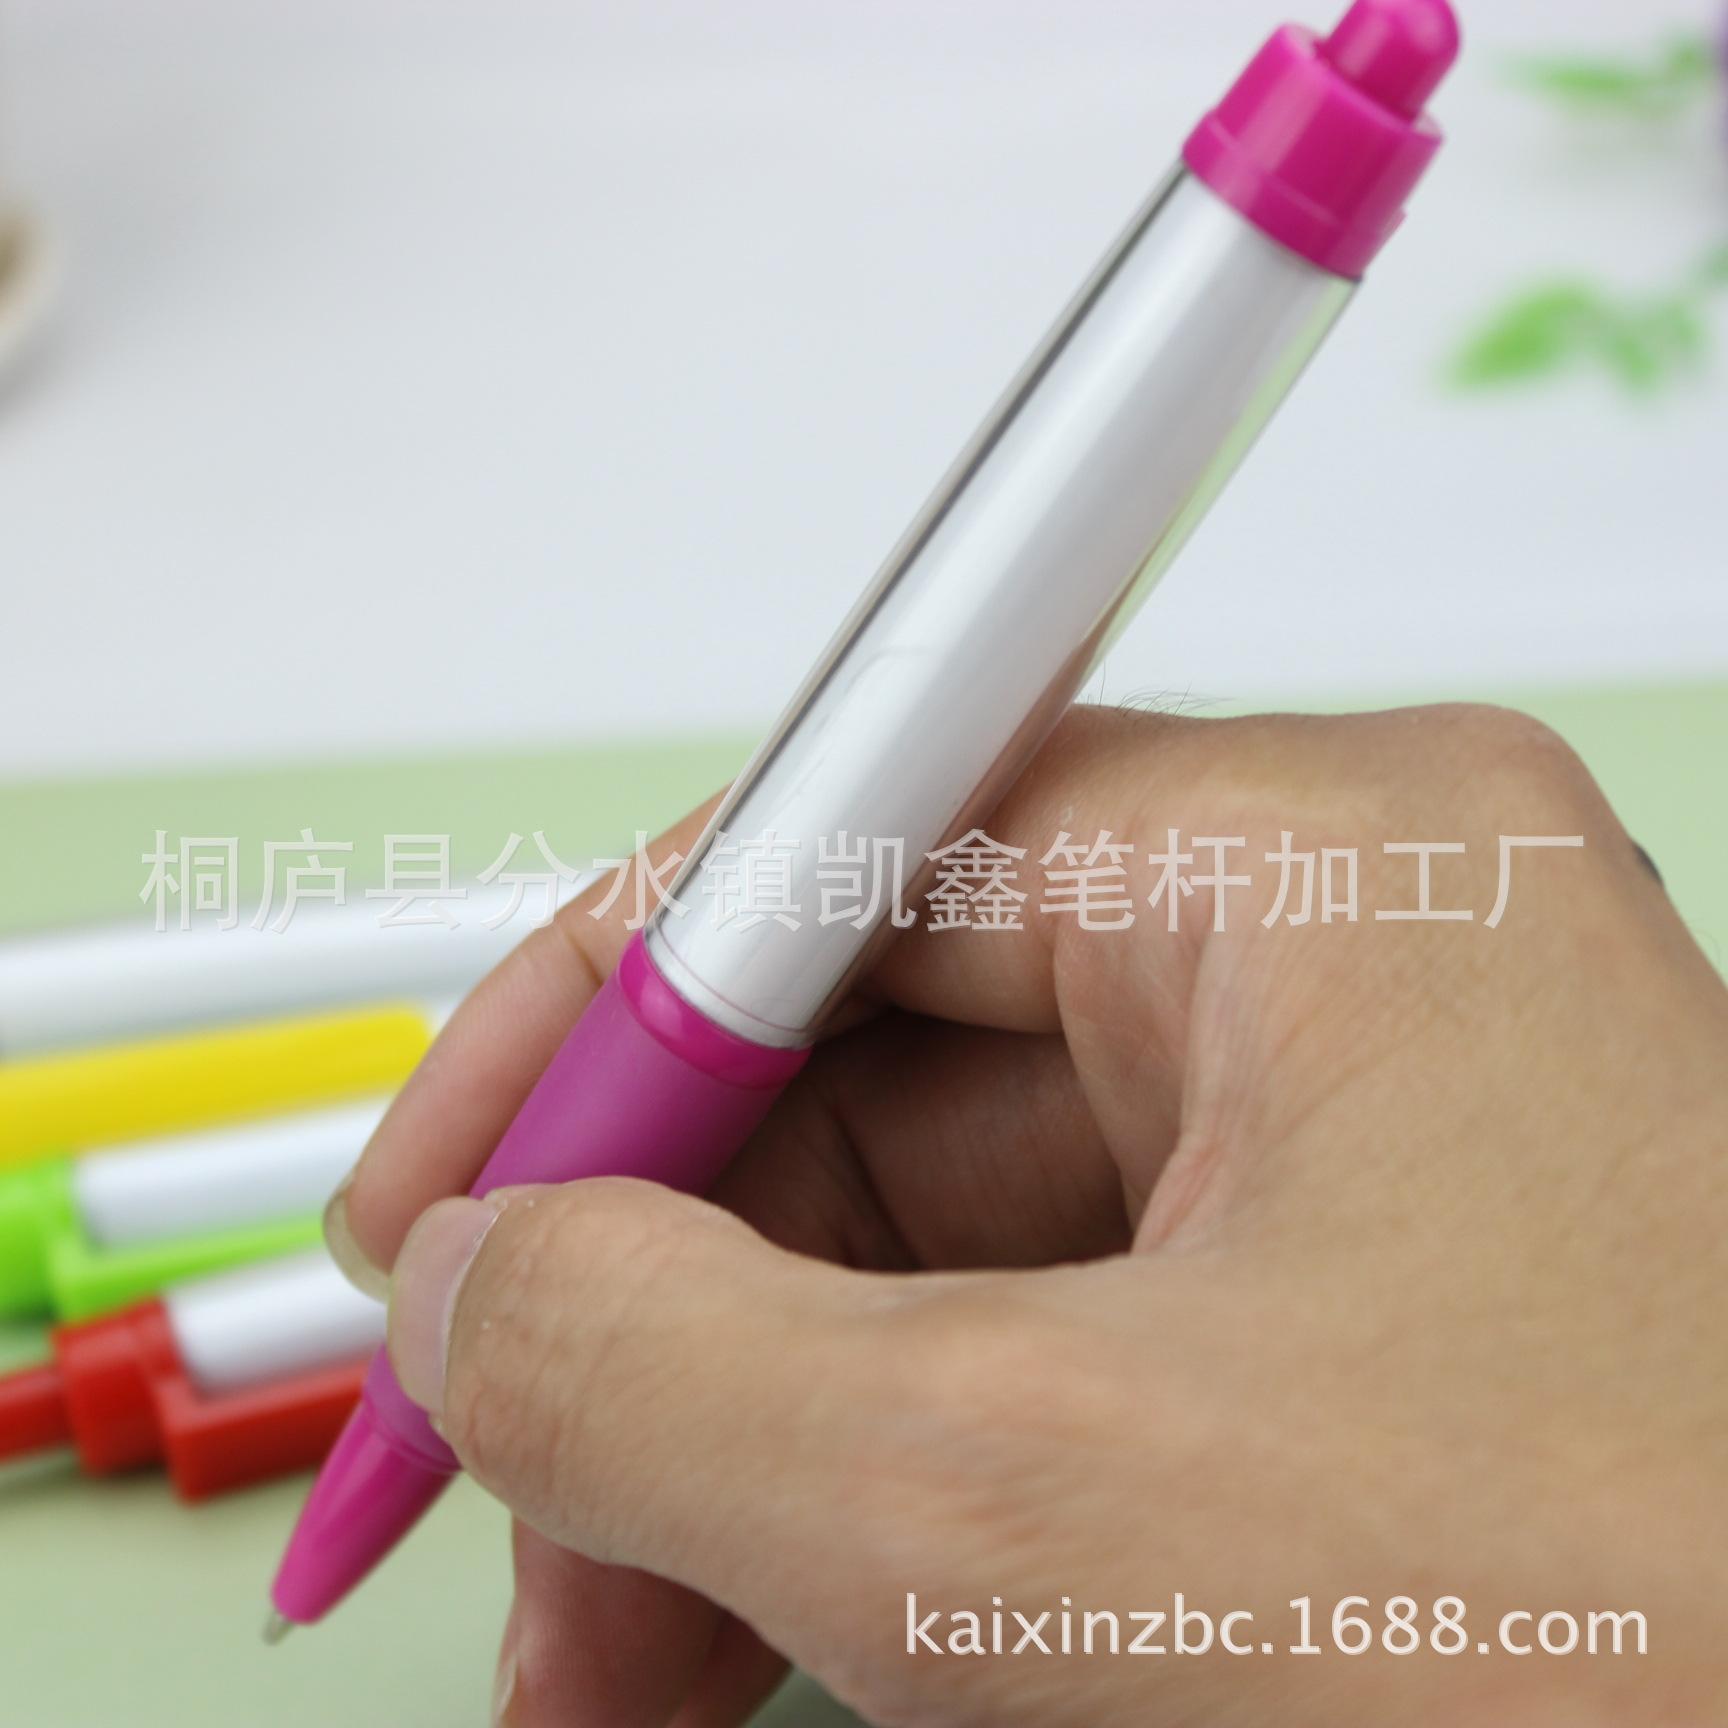 供应广告圆珠笔 塑料笔 笔杆可放花膜纸 笔夹笔身可印刷广告logo